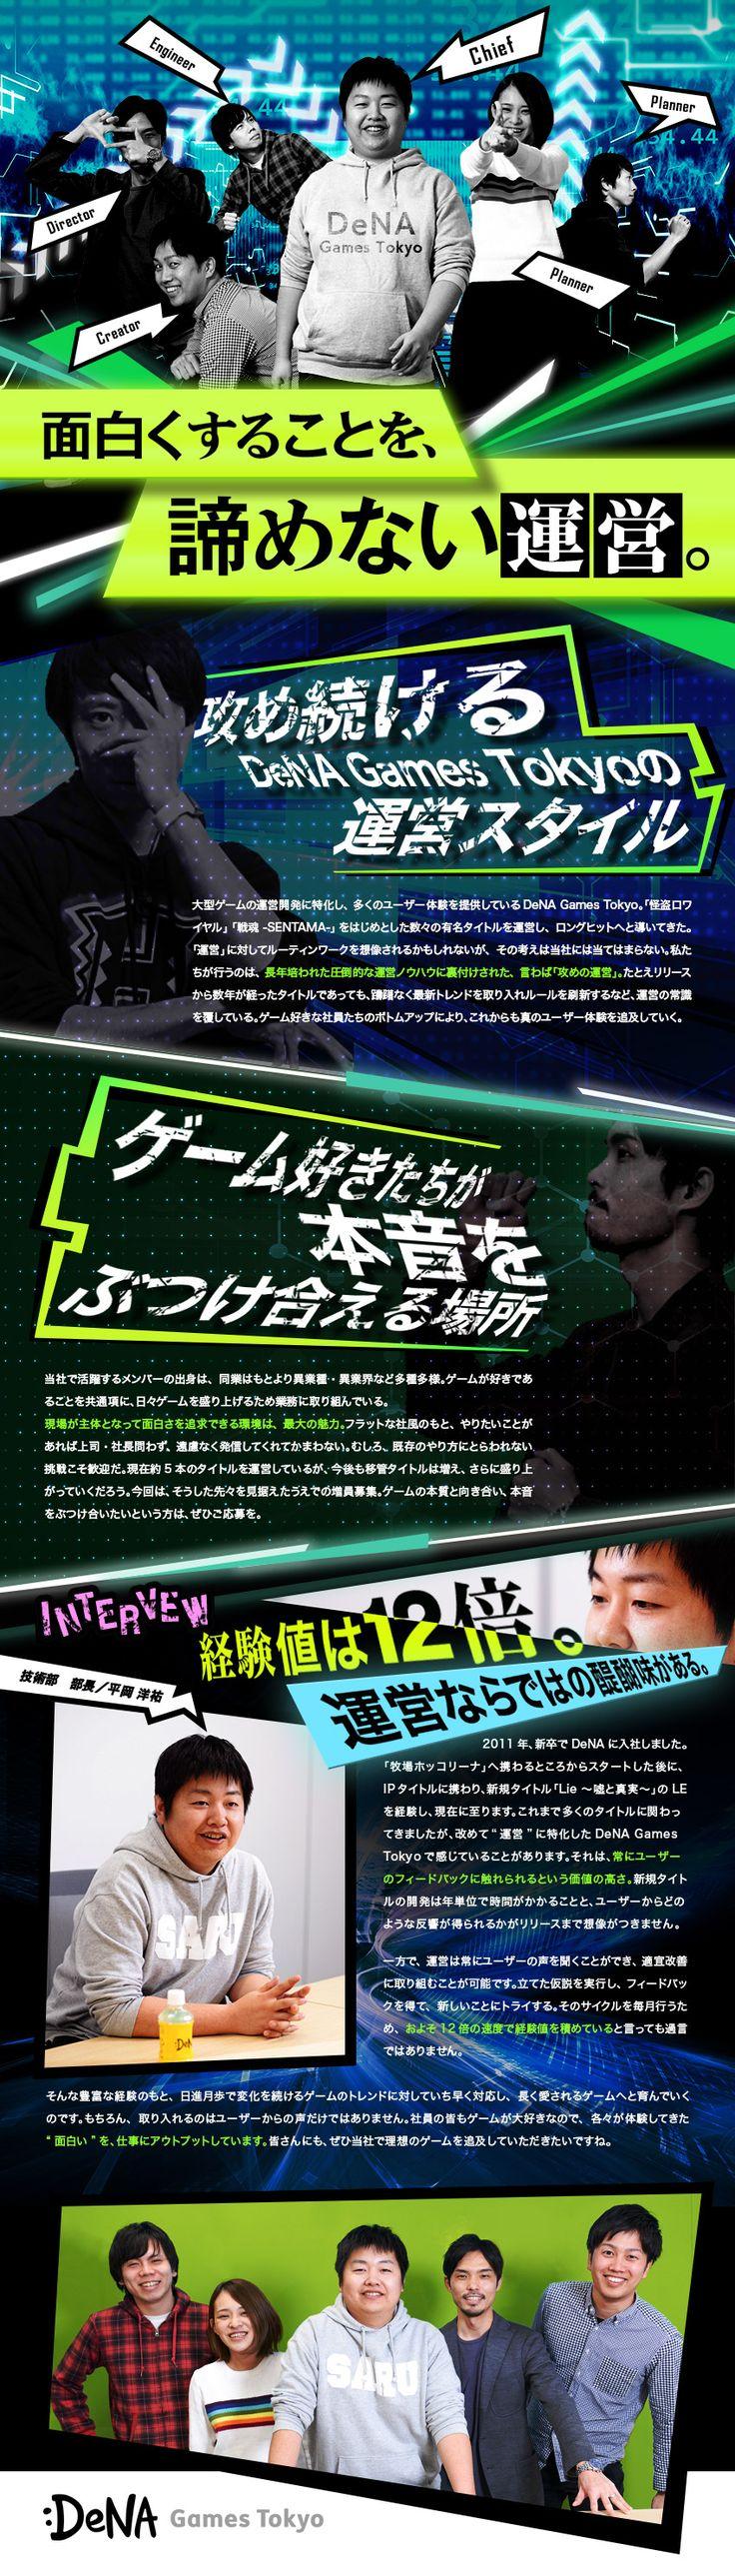 株式会社DeNA Games Tokyo/ゲーム運営エンジニア(大型・ヒットゲームタイトル担当)の求人・求人情報ならDODA(デューダ)。仕事内容など詳しい採用情報や職場の雰囲気が伝わる情報が満載。